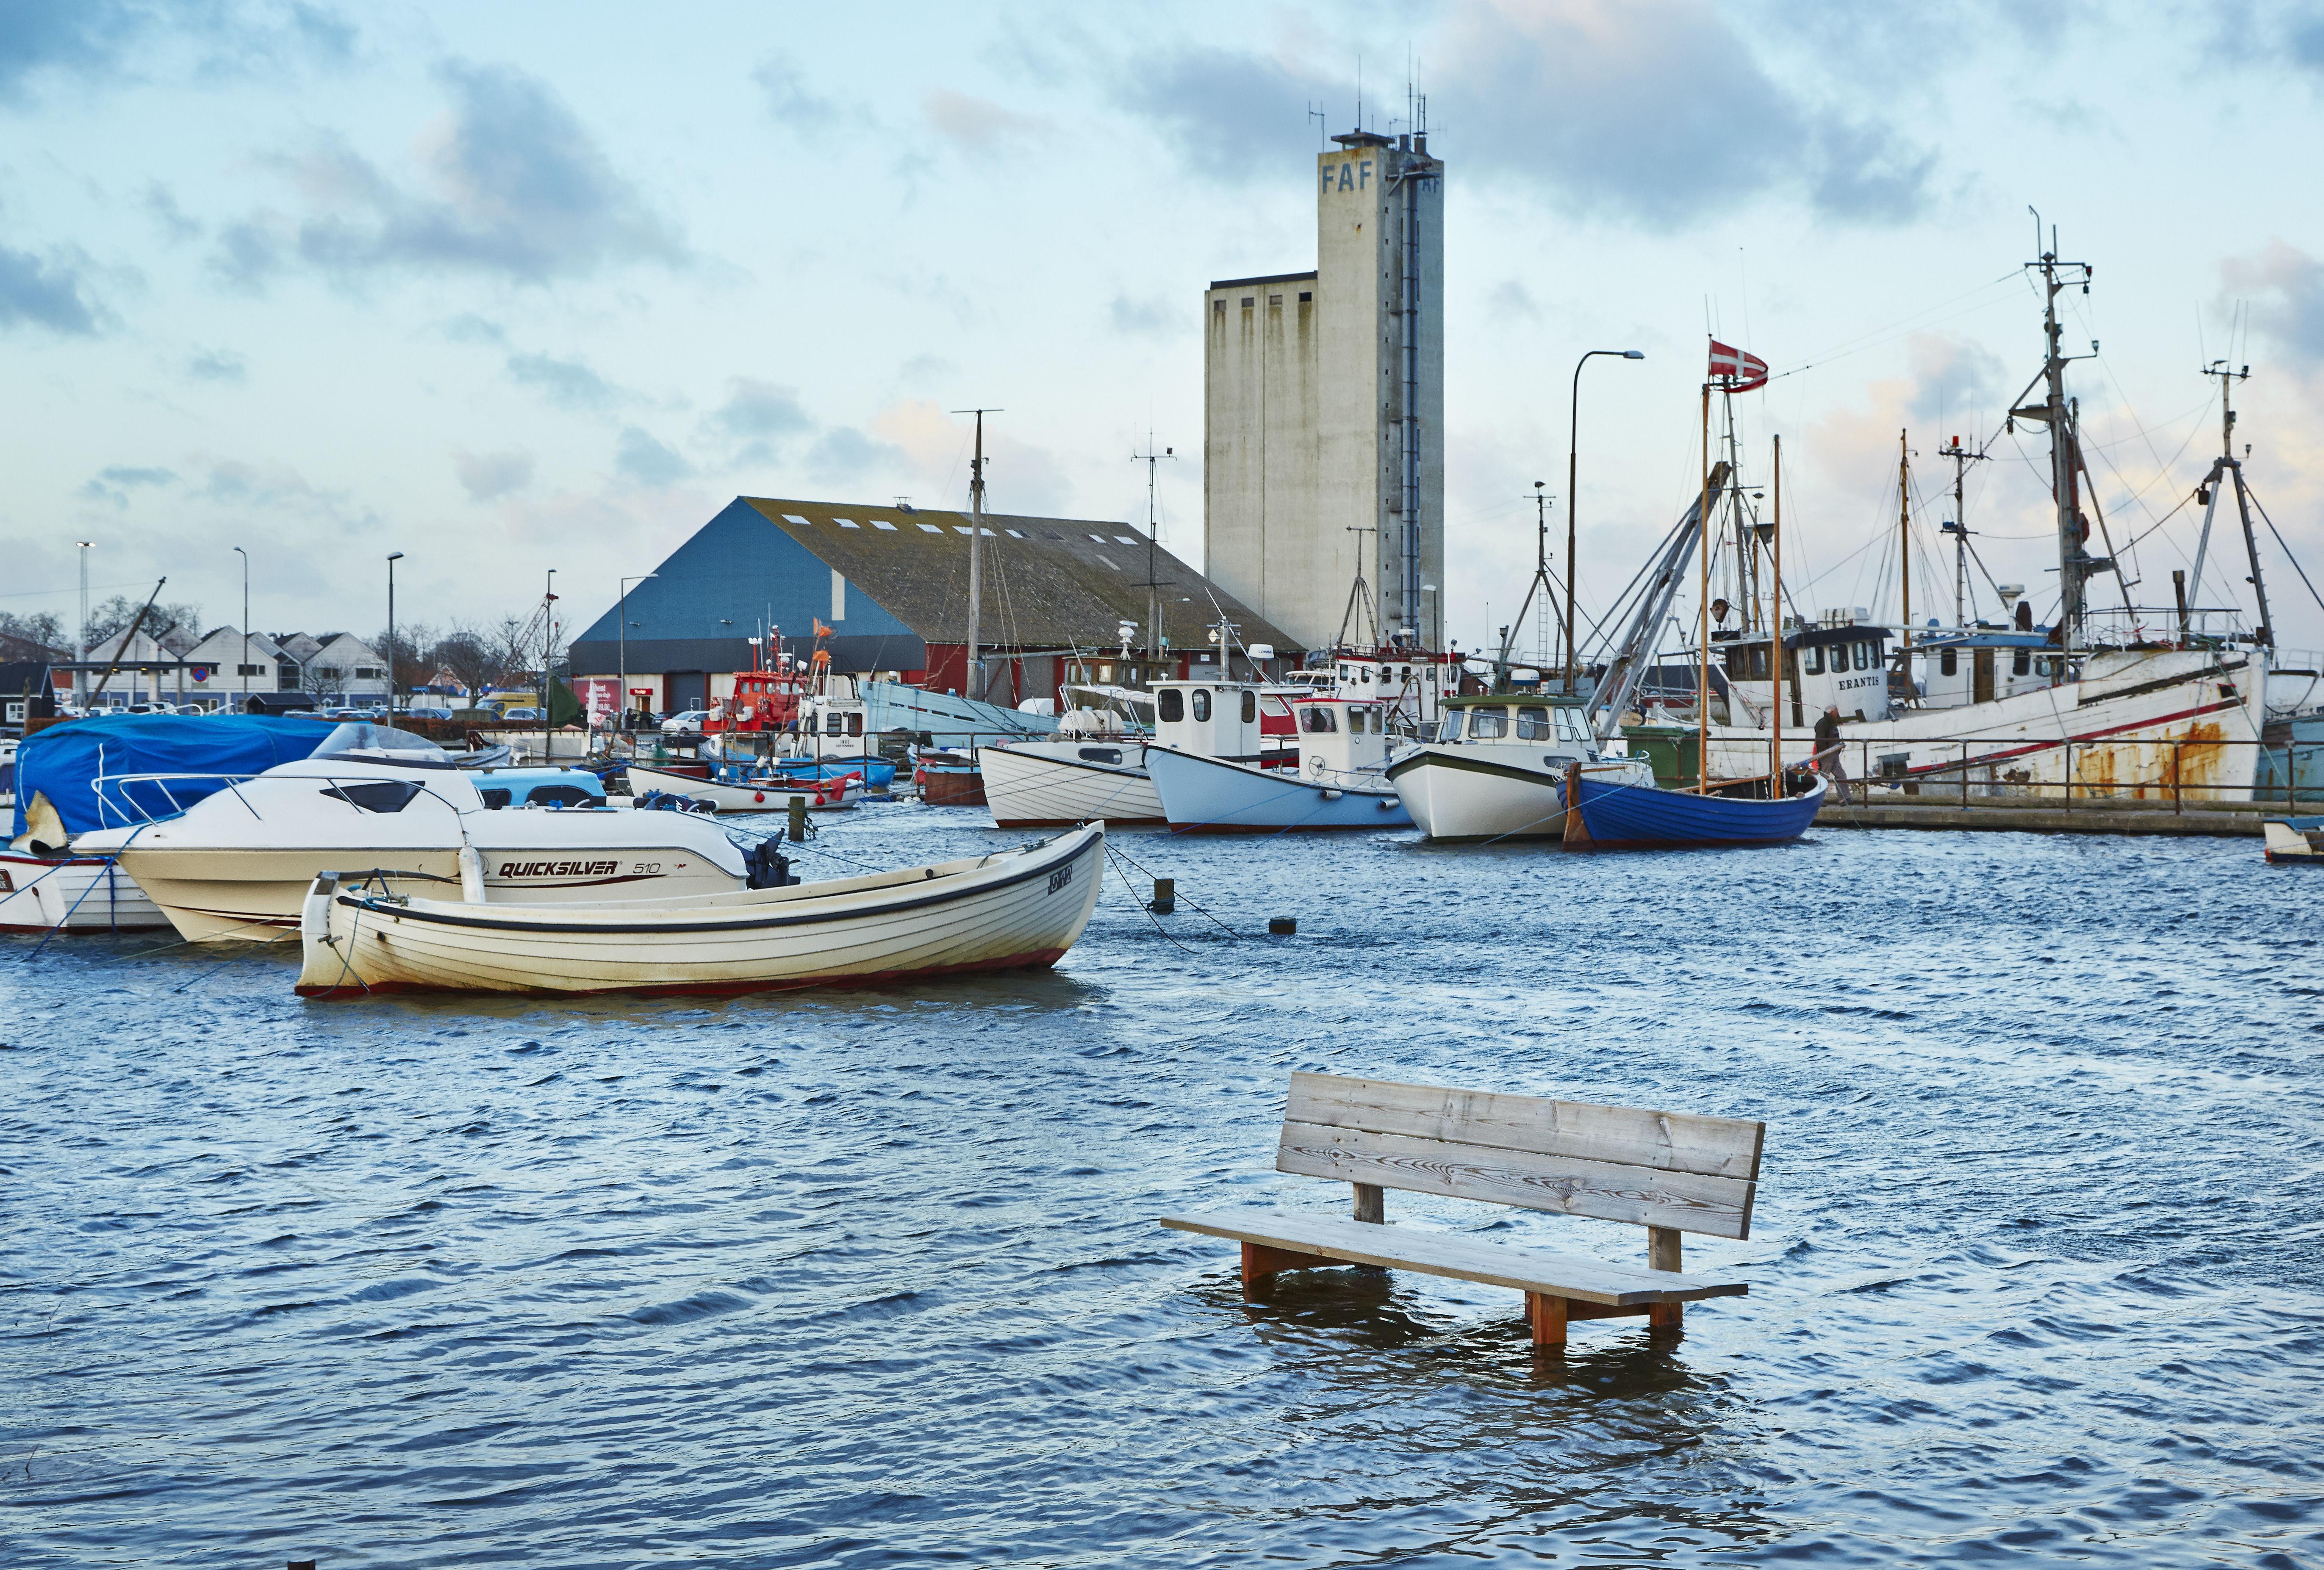 Byerne skal klimasikres: Gennem de sidste 655 år, er der registreret 132 stormfloder i Danmark. Mere end en femtedel af dem er sket indenfor de sidste 26 år. Foto: Steffen Stamp for Realdania